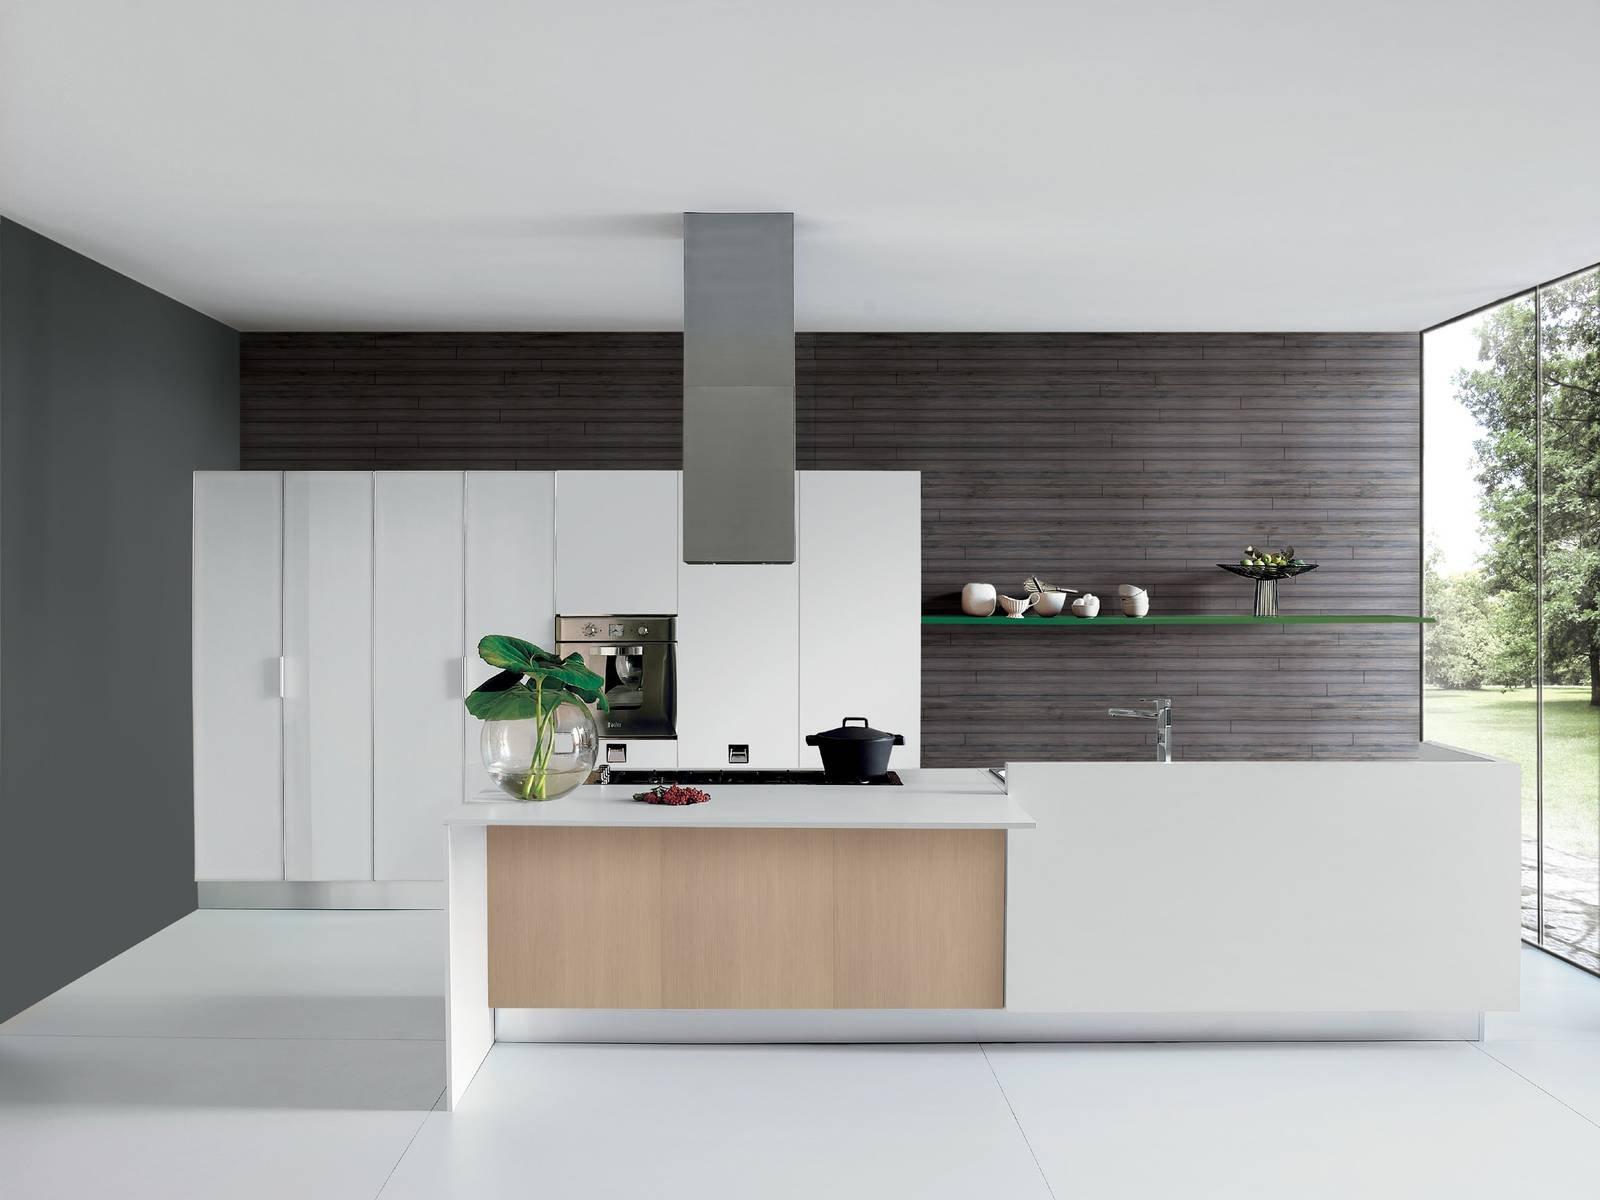 Cucina In Pino Naturale : Cucine: qual è il legno più richiesto e venduto? cose di casa